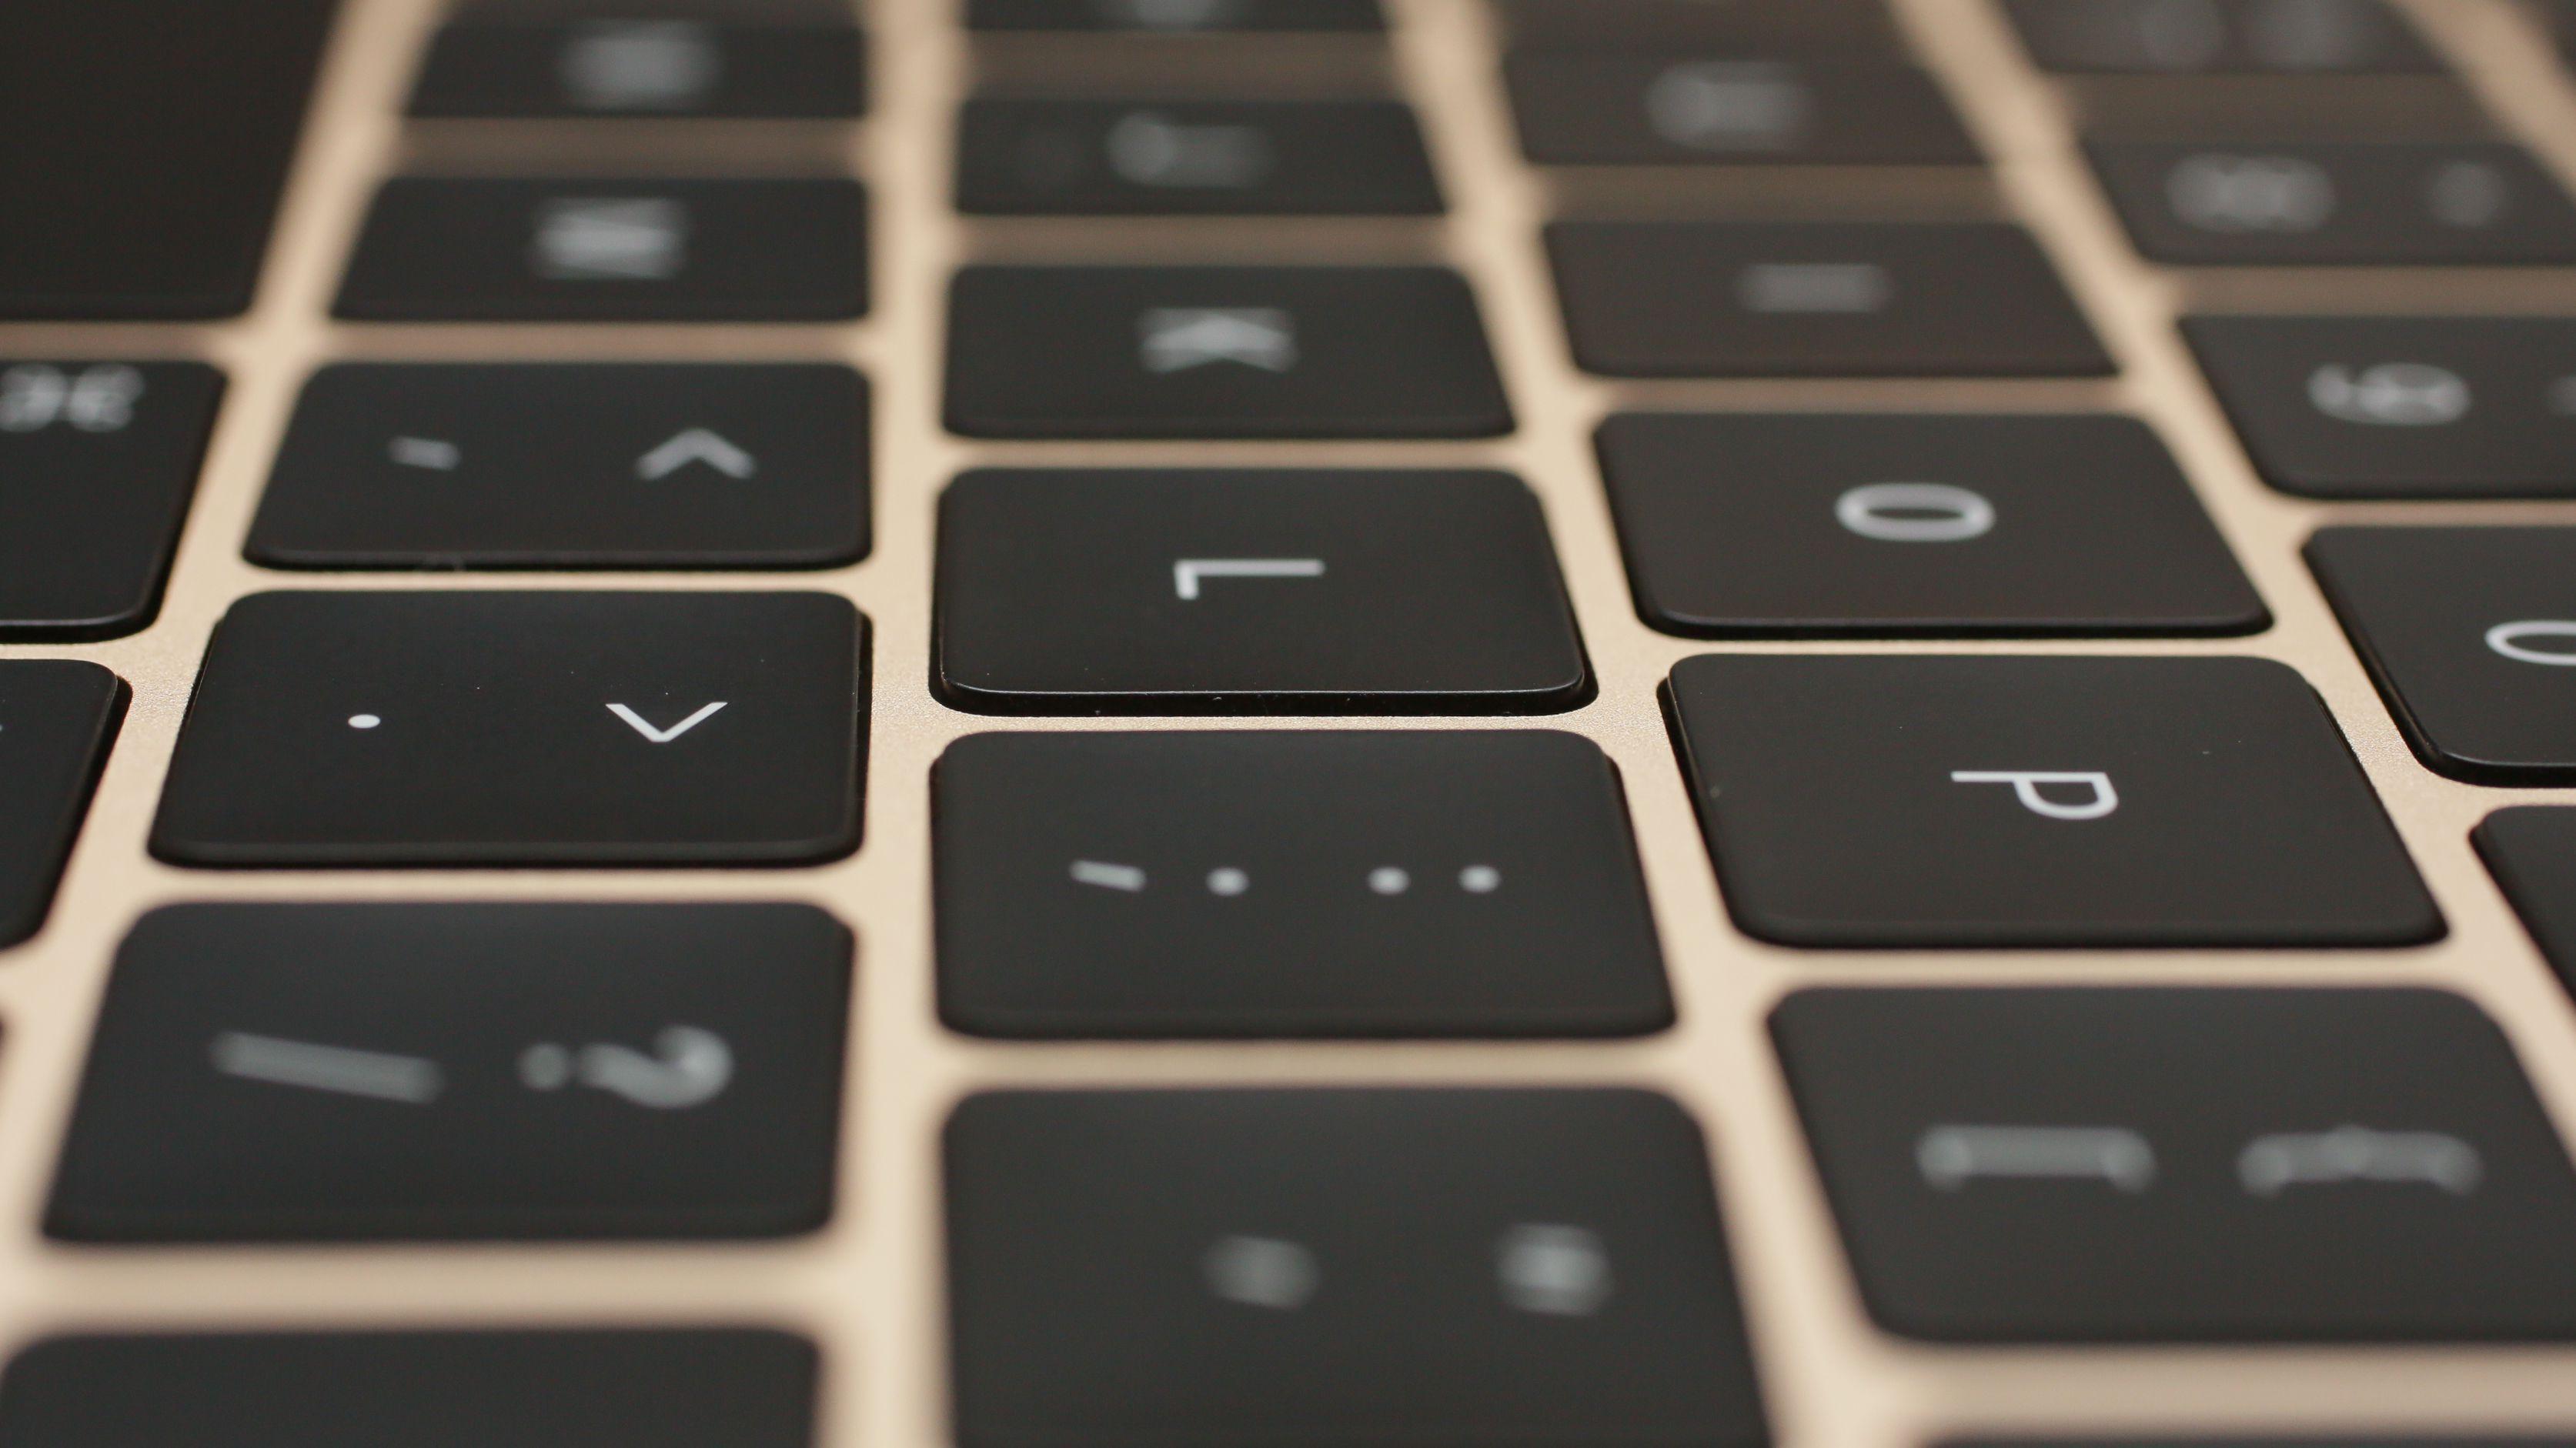 Macbook Butterfly Keyboard Vs Magic Keyboard